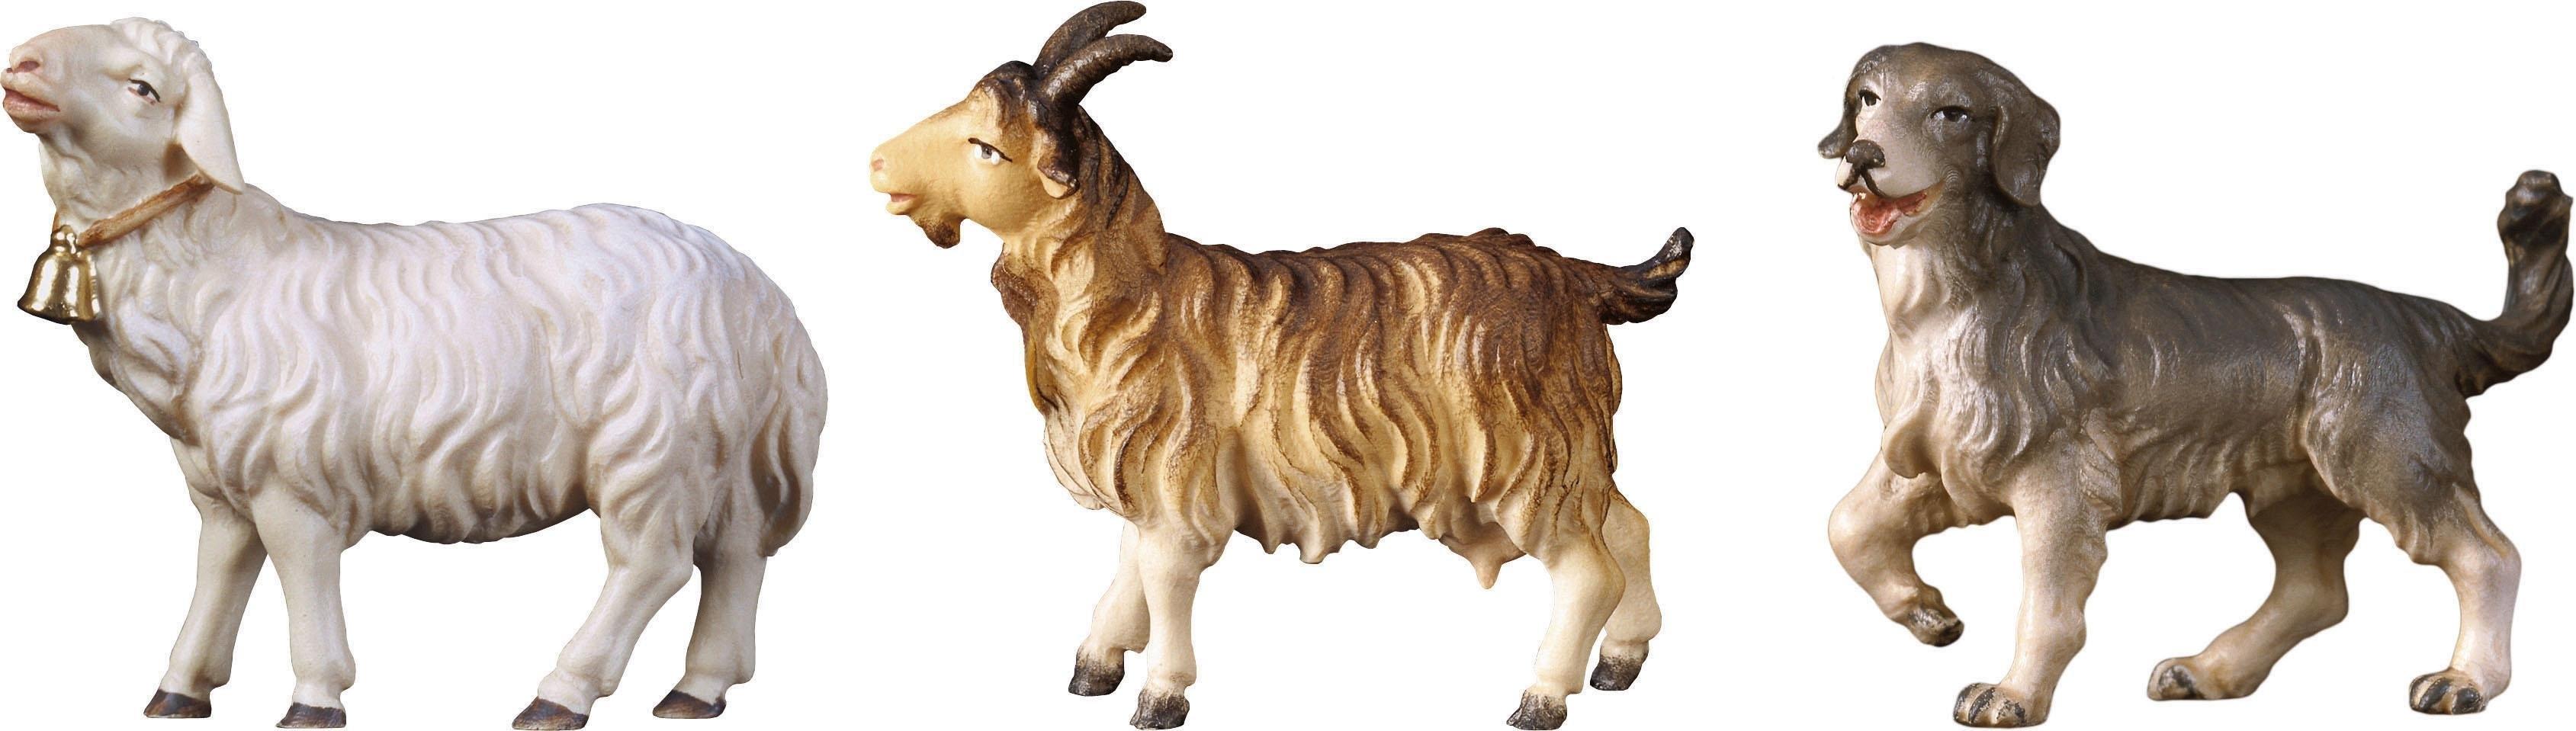 ULPE WOODART kribbefiguur Schaap, geit, hond Handwerk, hoogwaardig houtsnijwerk (set, 3 stuks) voordelig en veilig online kopen